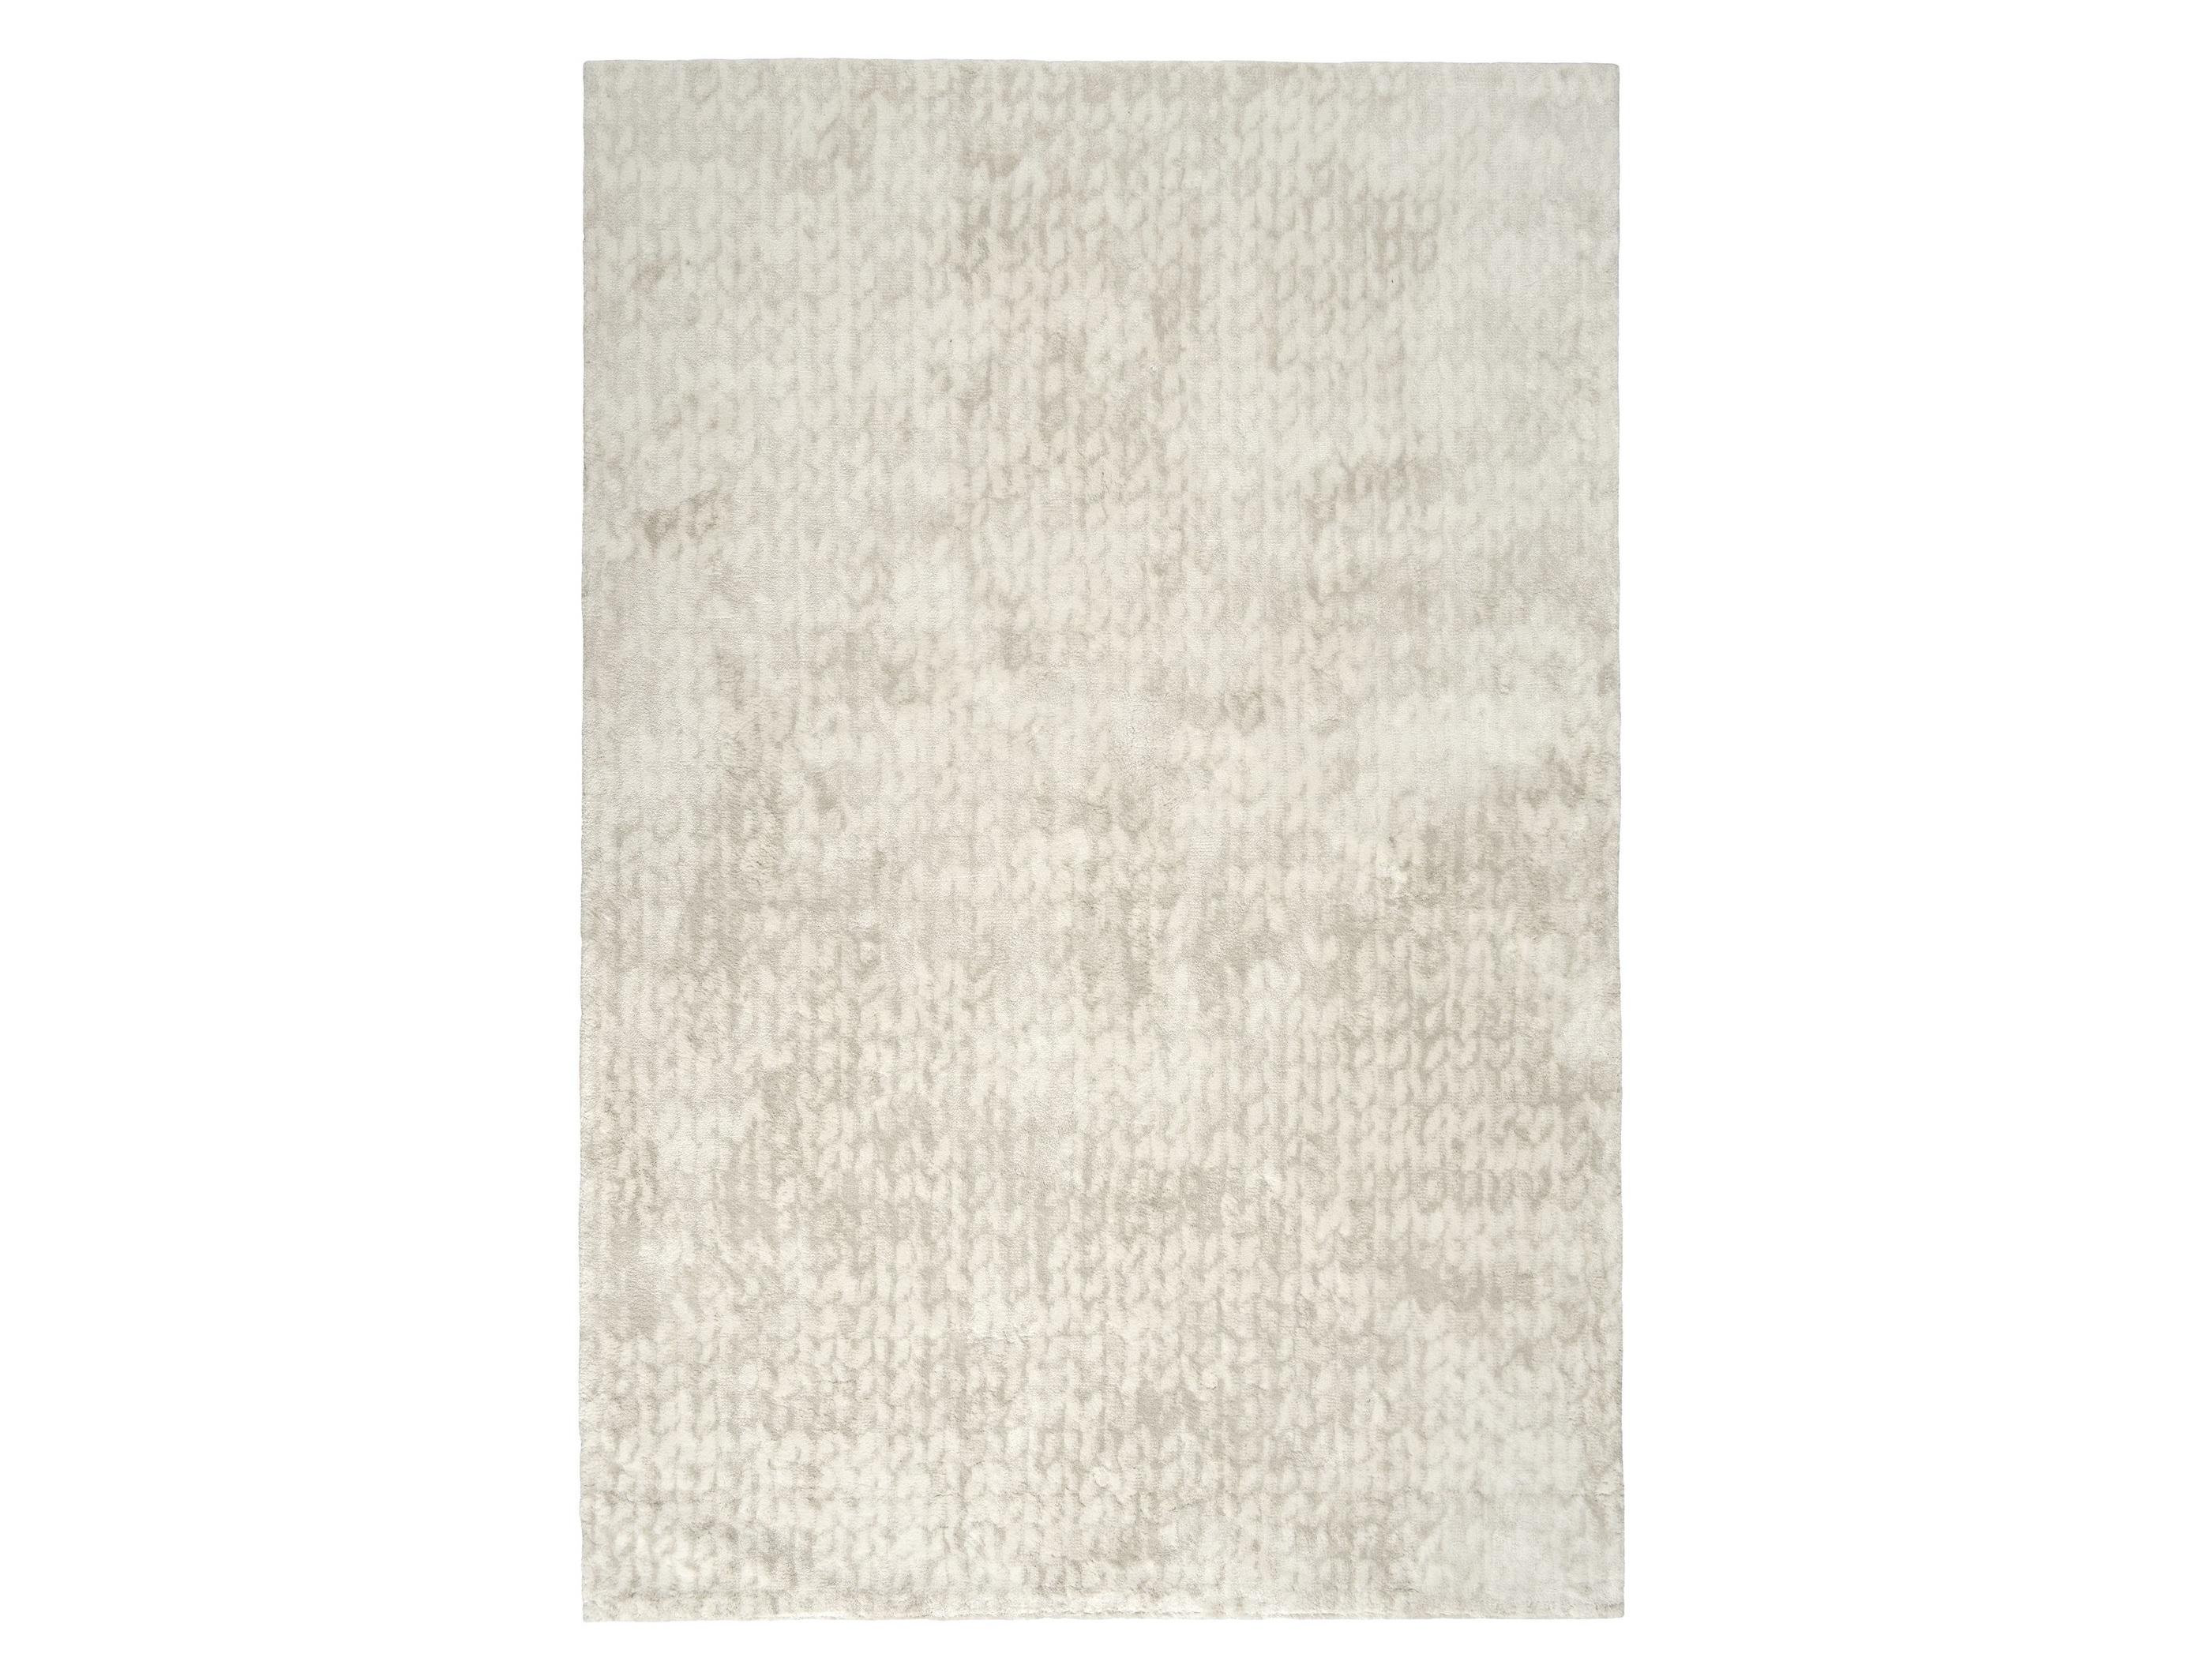 Ковер BoroПрямоугольные ковры<br>Правила по уходу:-не выбивать, чистить пылесосом-не рекомендуется ставить мебель на ковер-не использовать моющие средства с высоким содержанием химических веществ-для глубокой очистки ковра воспользуйтесь услугами химчистки-избегать воздействие прямых солнечных лучейМатериал: хлопок, лен.<br><br>kit: None<br>gender: None